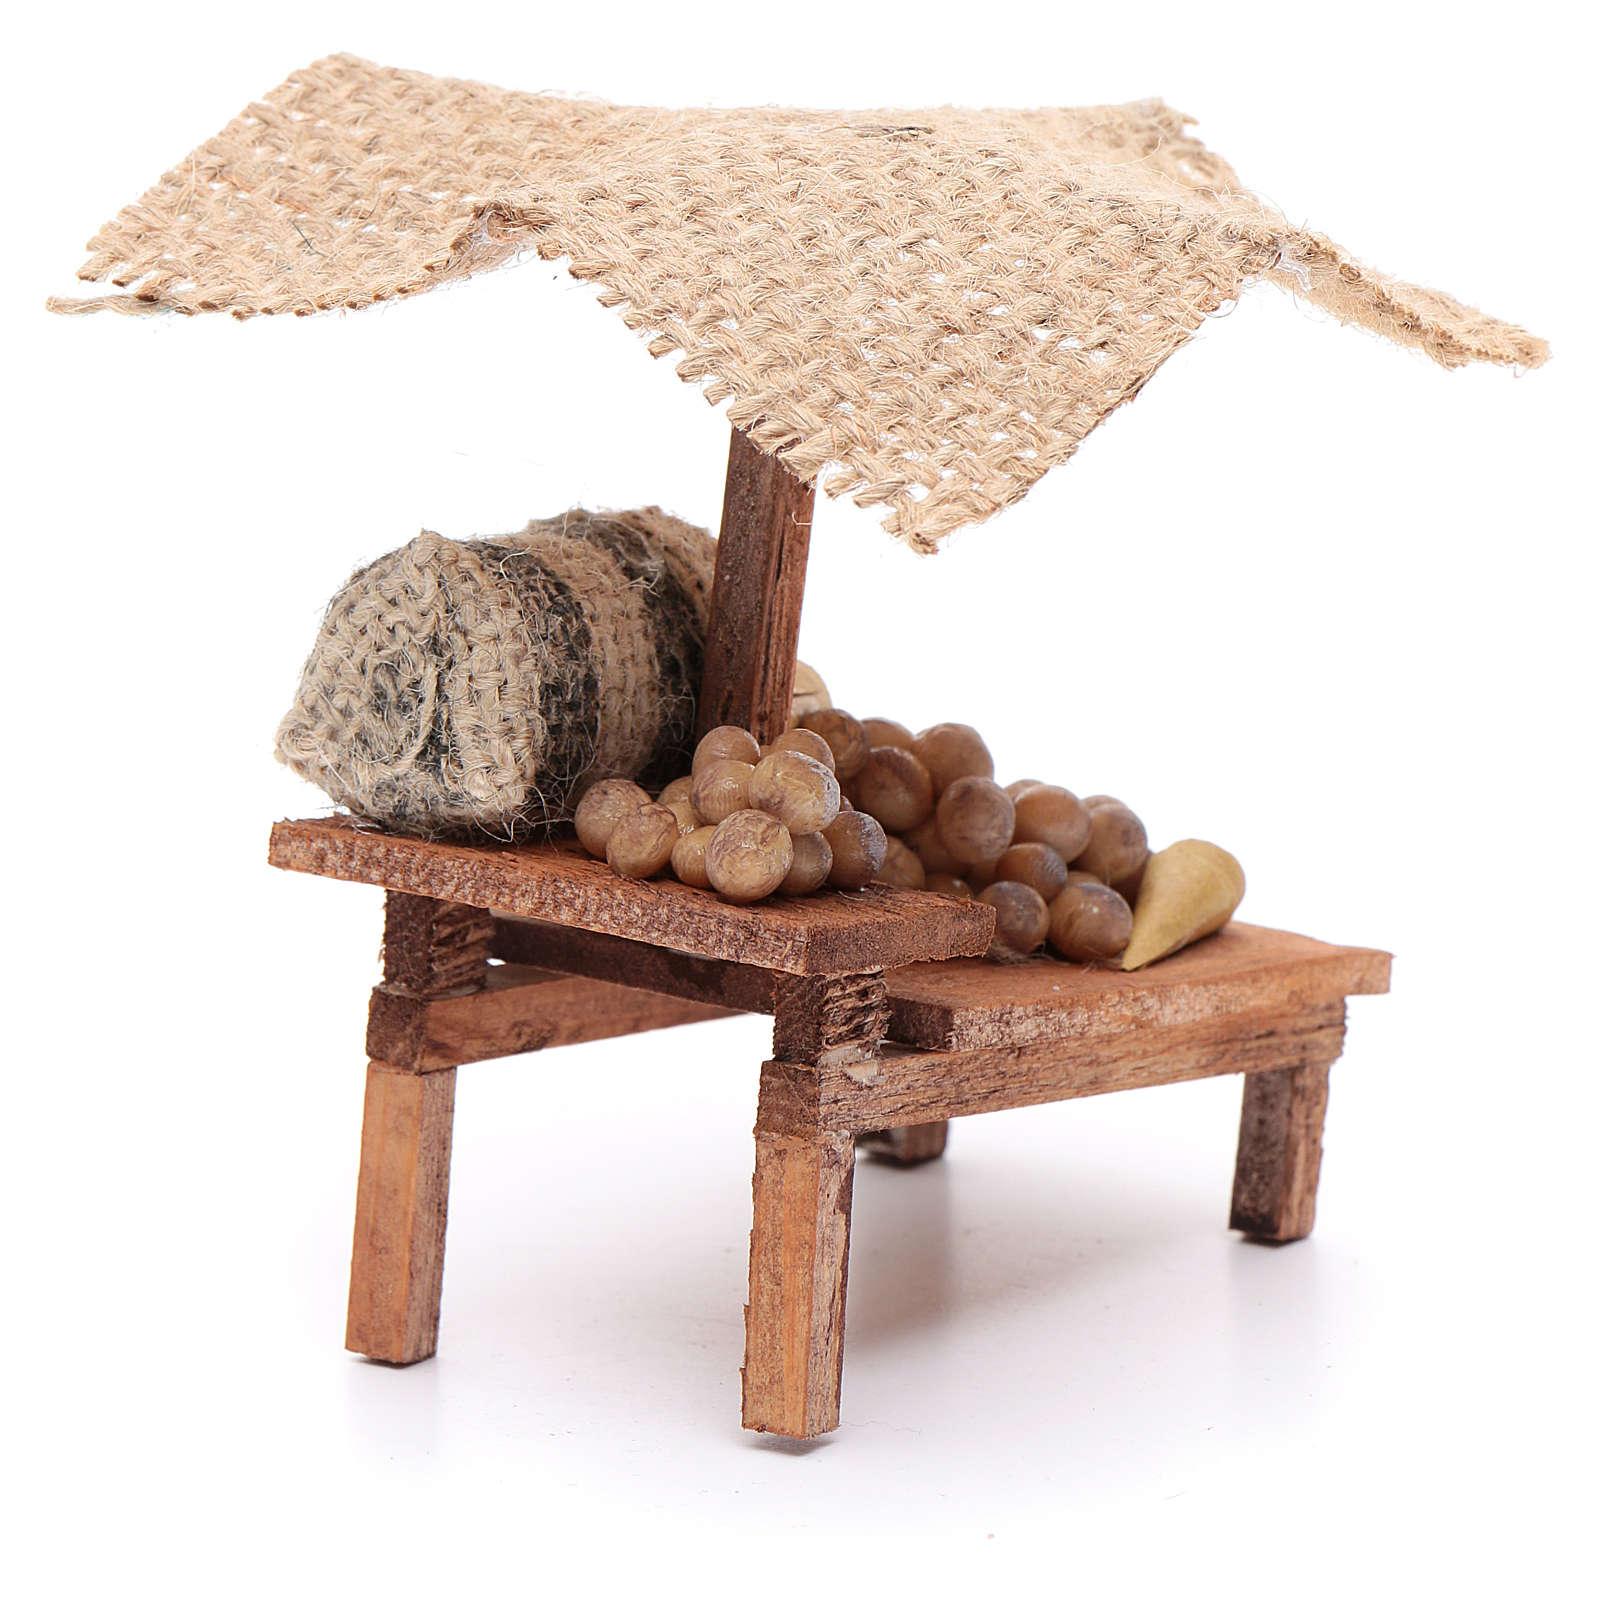 Banca batatas 10x10x5 cm 4